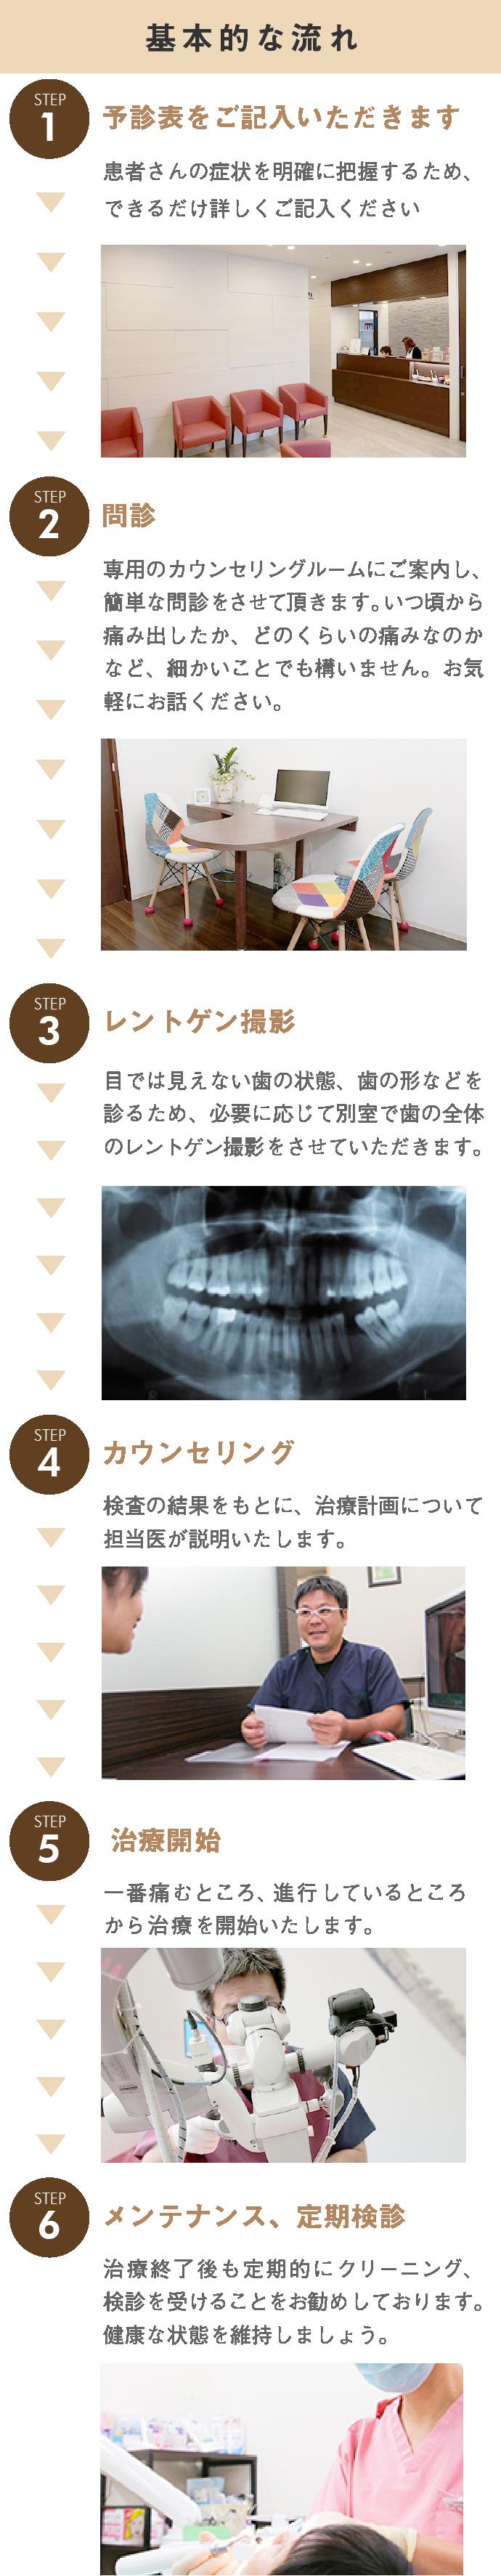 治療の流れ,予診票を記入,問診表を記入,レントゲン撮影,カウンセリング,治療開始,メンテナンス、定期検診,治療後も定期的にクリーニング,検診をお勧めします・健康な歯を維持しましょう